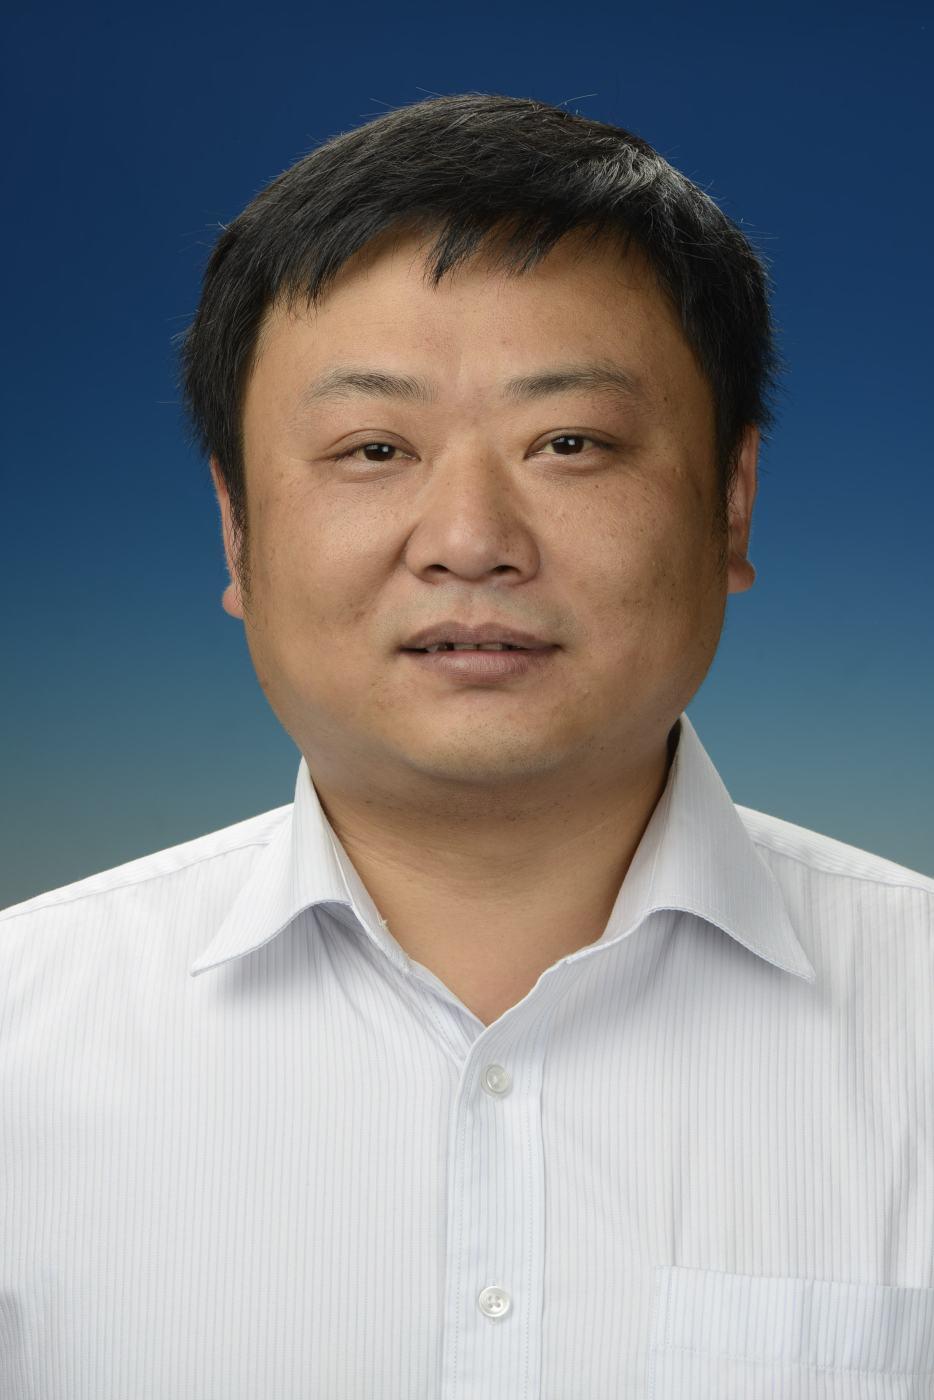 河南博物院文物局金属文物保护重点科研基地副主任。1995年毕业于河南大学文博专业,1996年至1998年参加中意合作文物保护修复技术班、2004年参加中意合作文物保护技术研修班。一直在河南博物院从事文物保护、修复工作。现在河南博物院文物保护技术中心任河南省文物局金属文物保护重点研究基地副主任。主要从事金属文物保护、可移动文物、文物保护修复实验室科学管理和彩画保护修复等方面的研究工作。主持和参与国家、省级课题、标准、项目20余项,发表《几件青铜器的科学分析和修复》等学术论文20余篇。